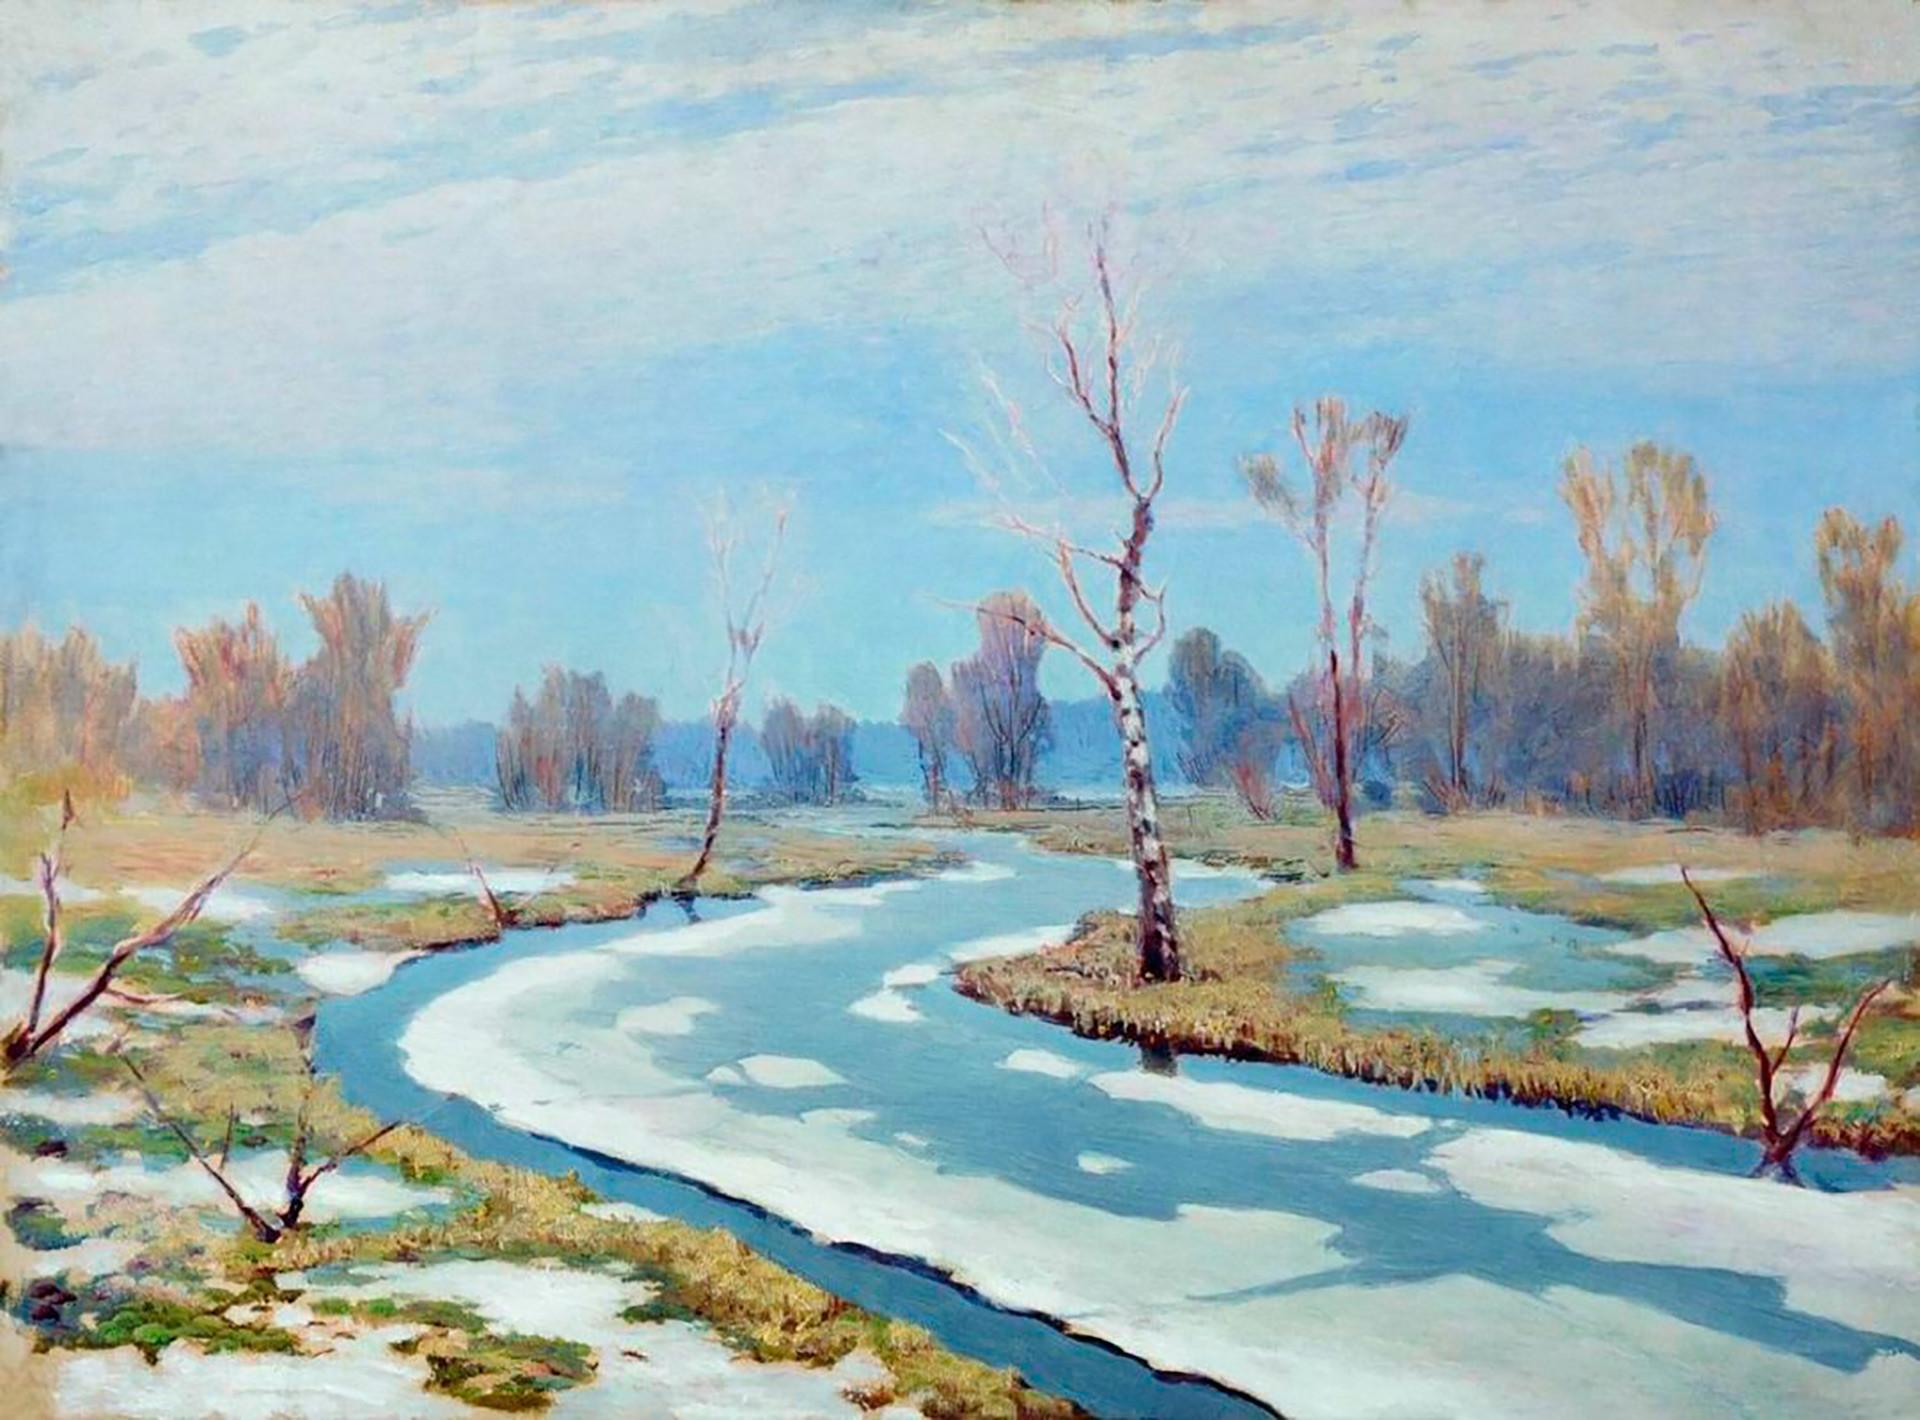 Early Spring, 1895, Arkhip Kuindzhi